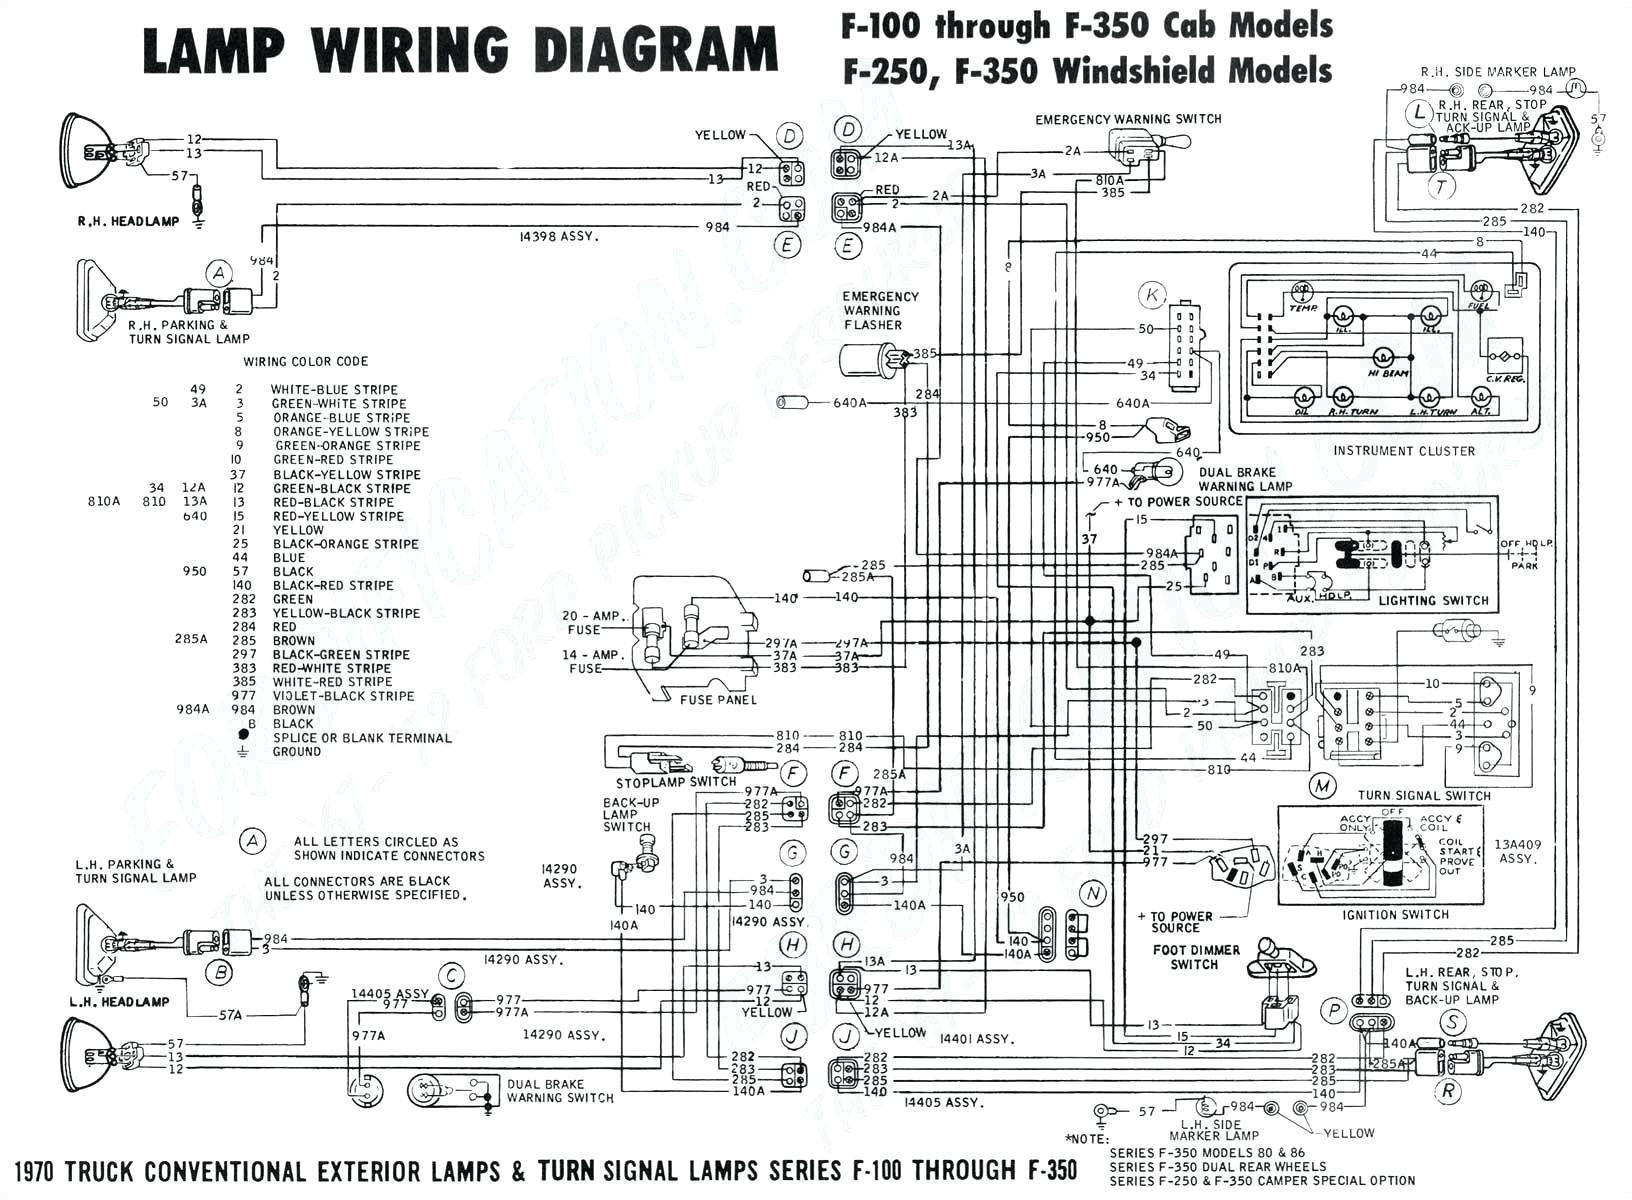 allen bradley centerline wiring diagram